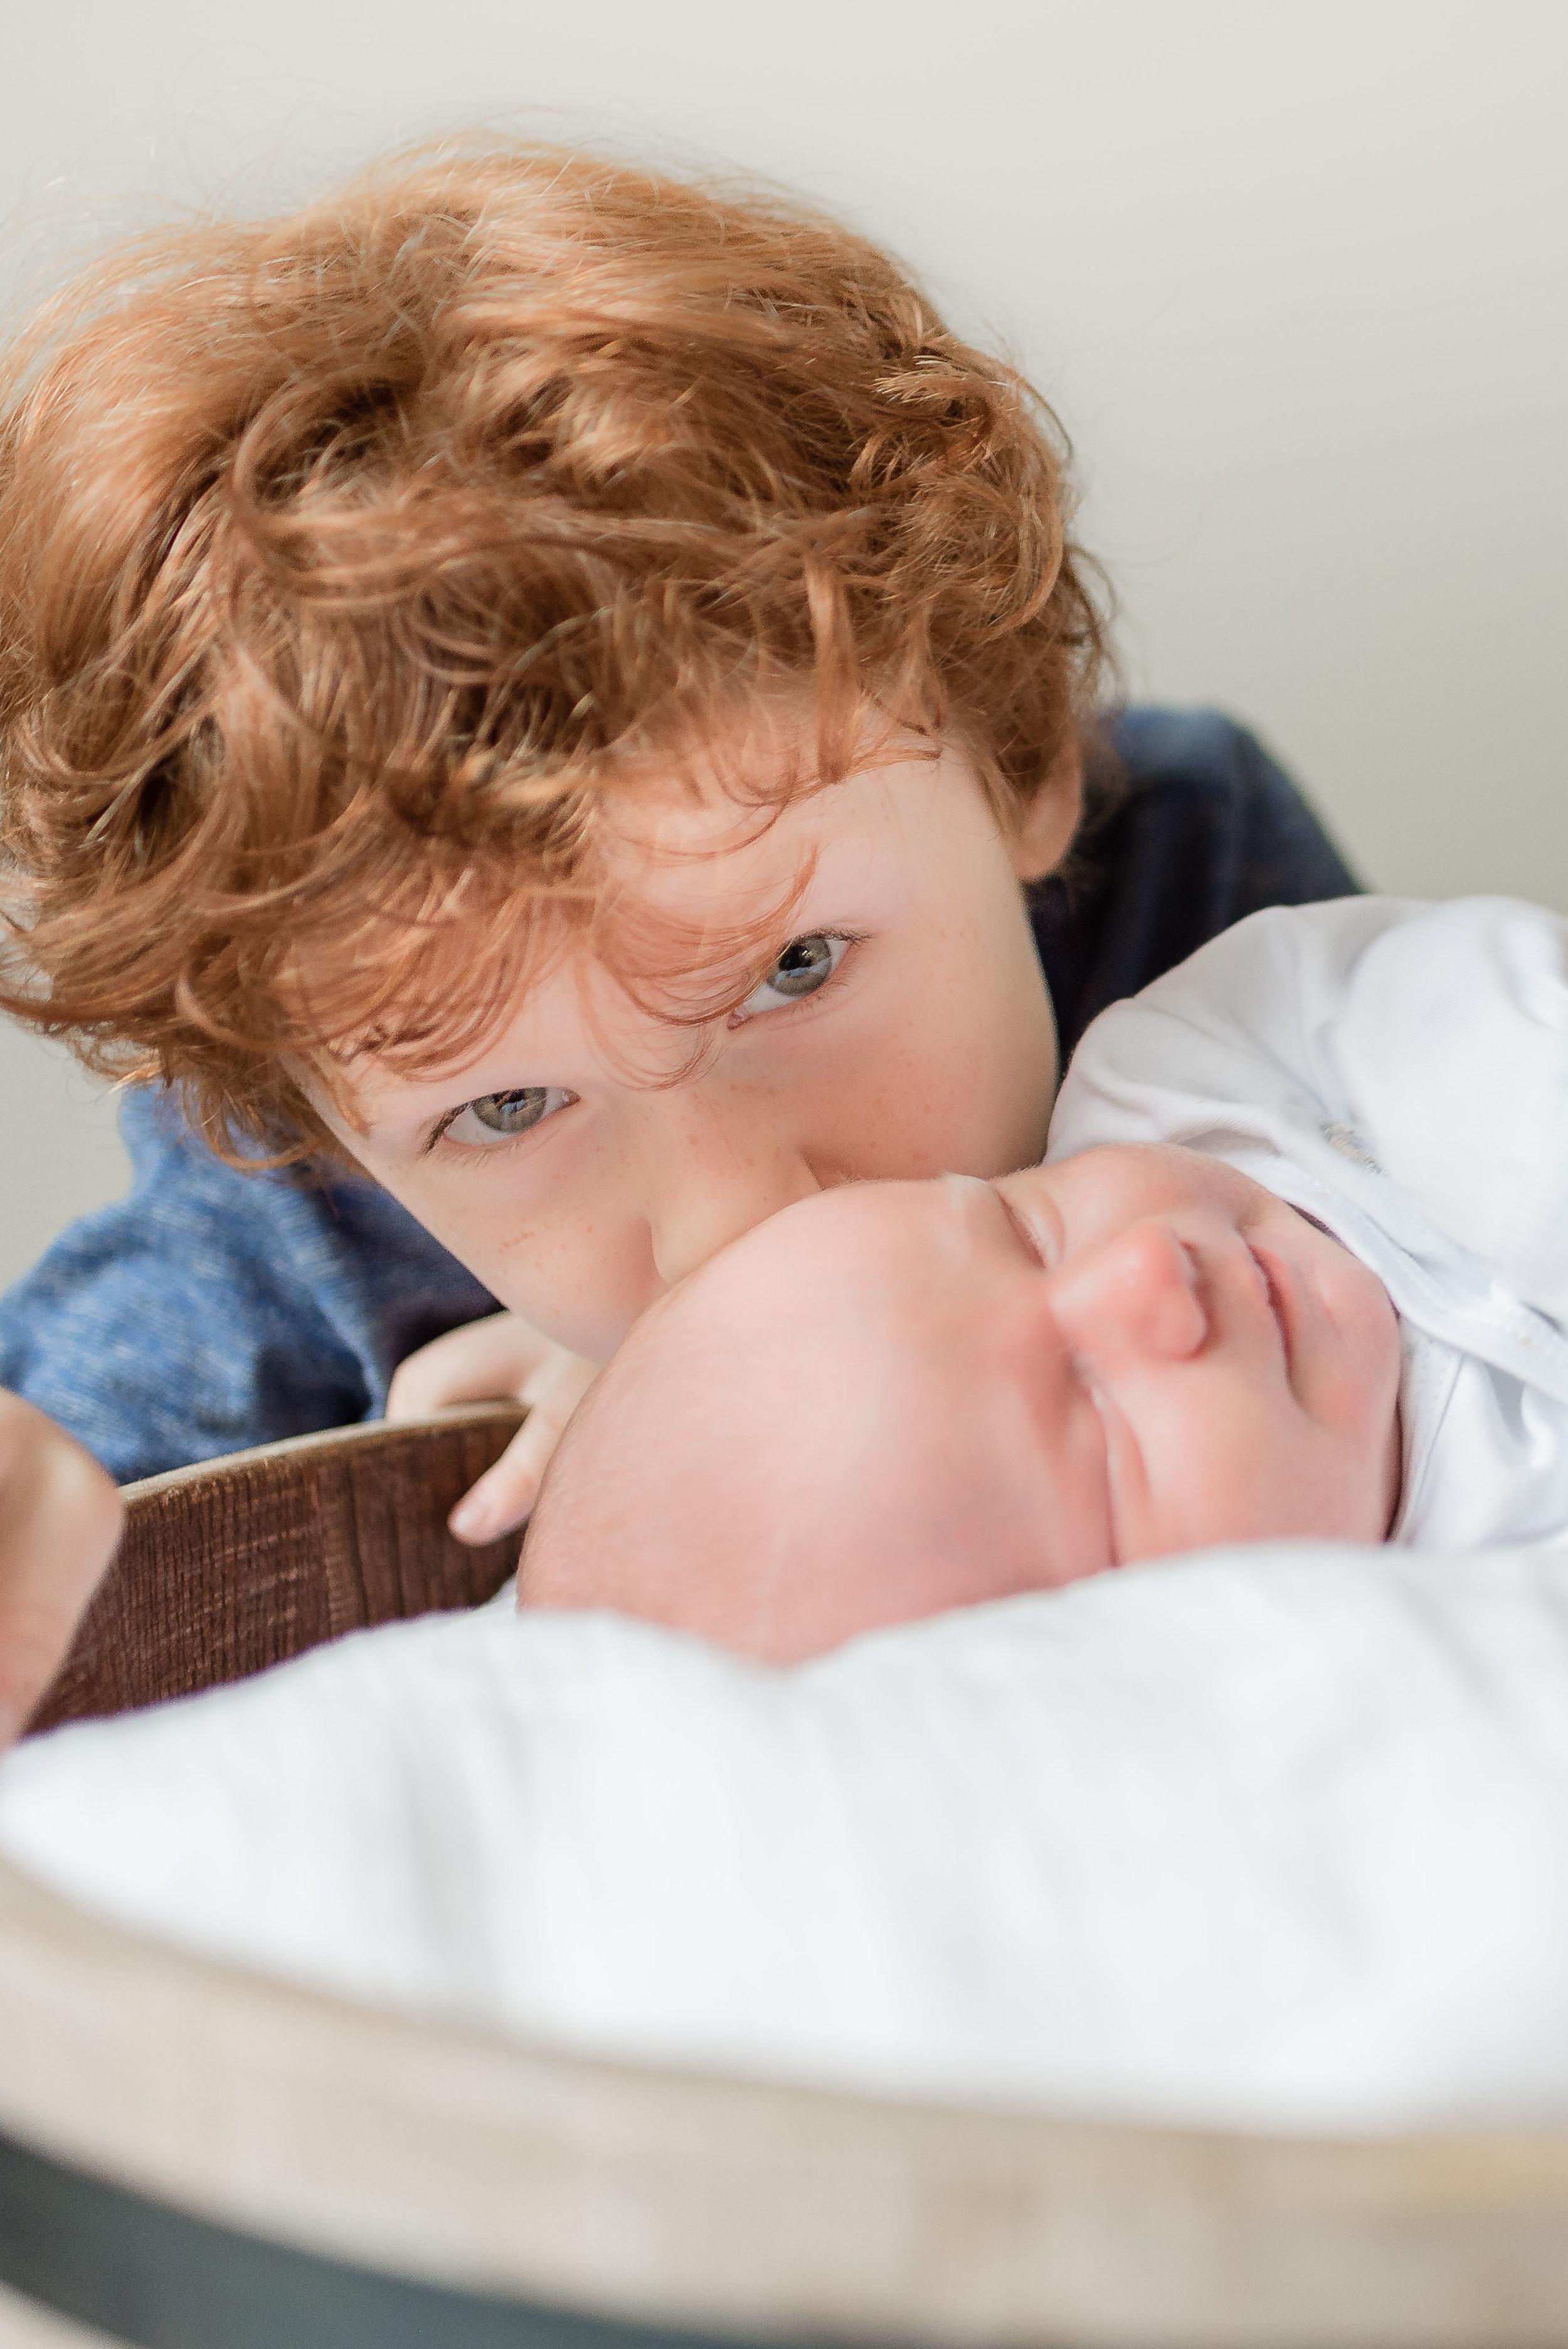 Erin-Fabio-Photography-Everett-Carr-Newborns-Sept-2018-27.jpg